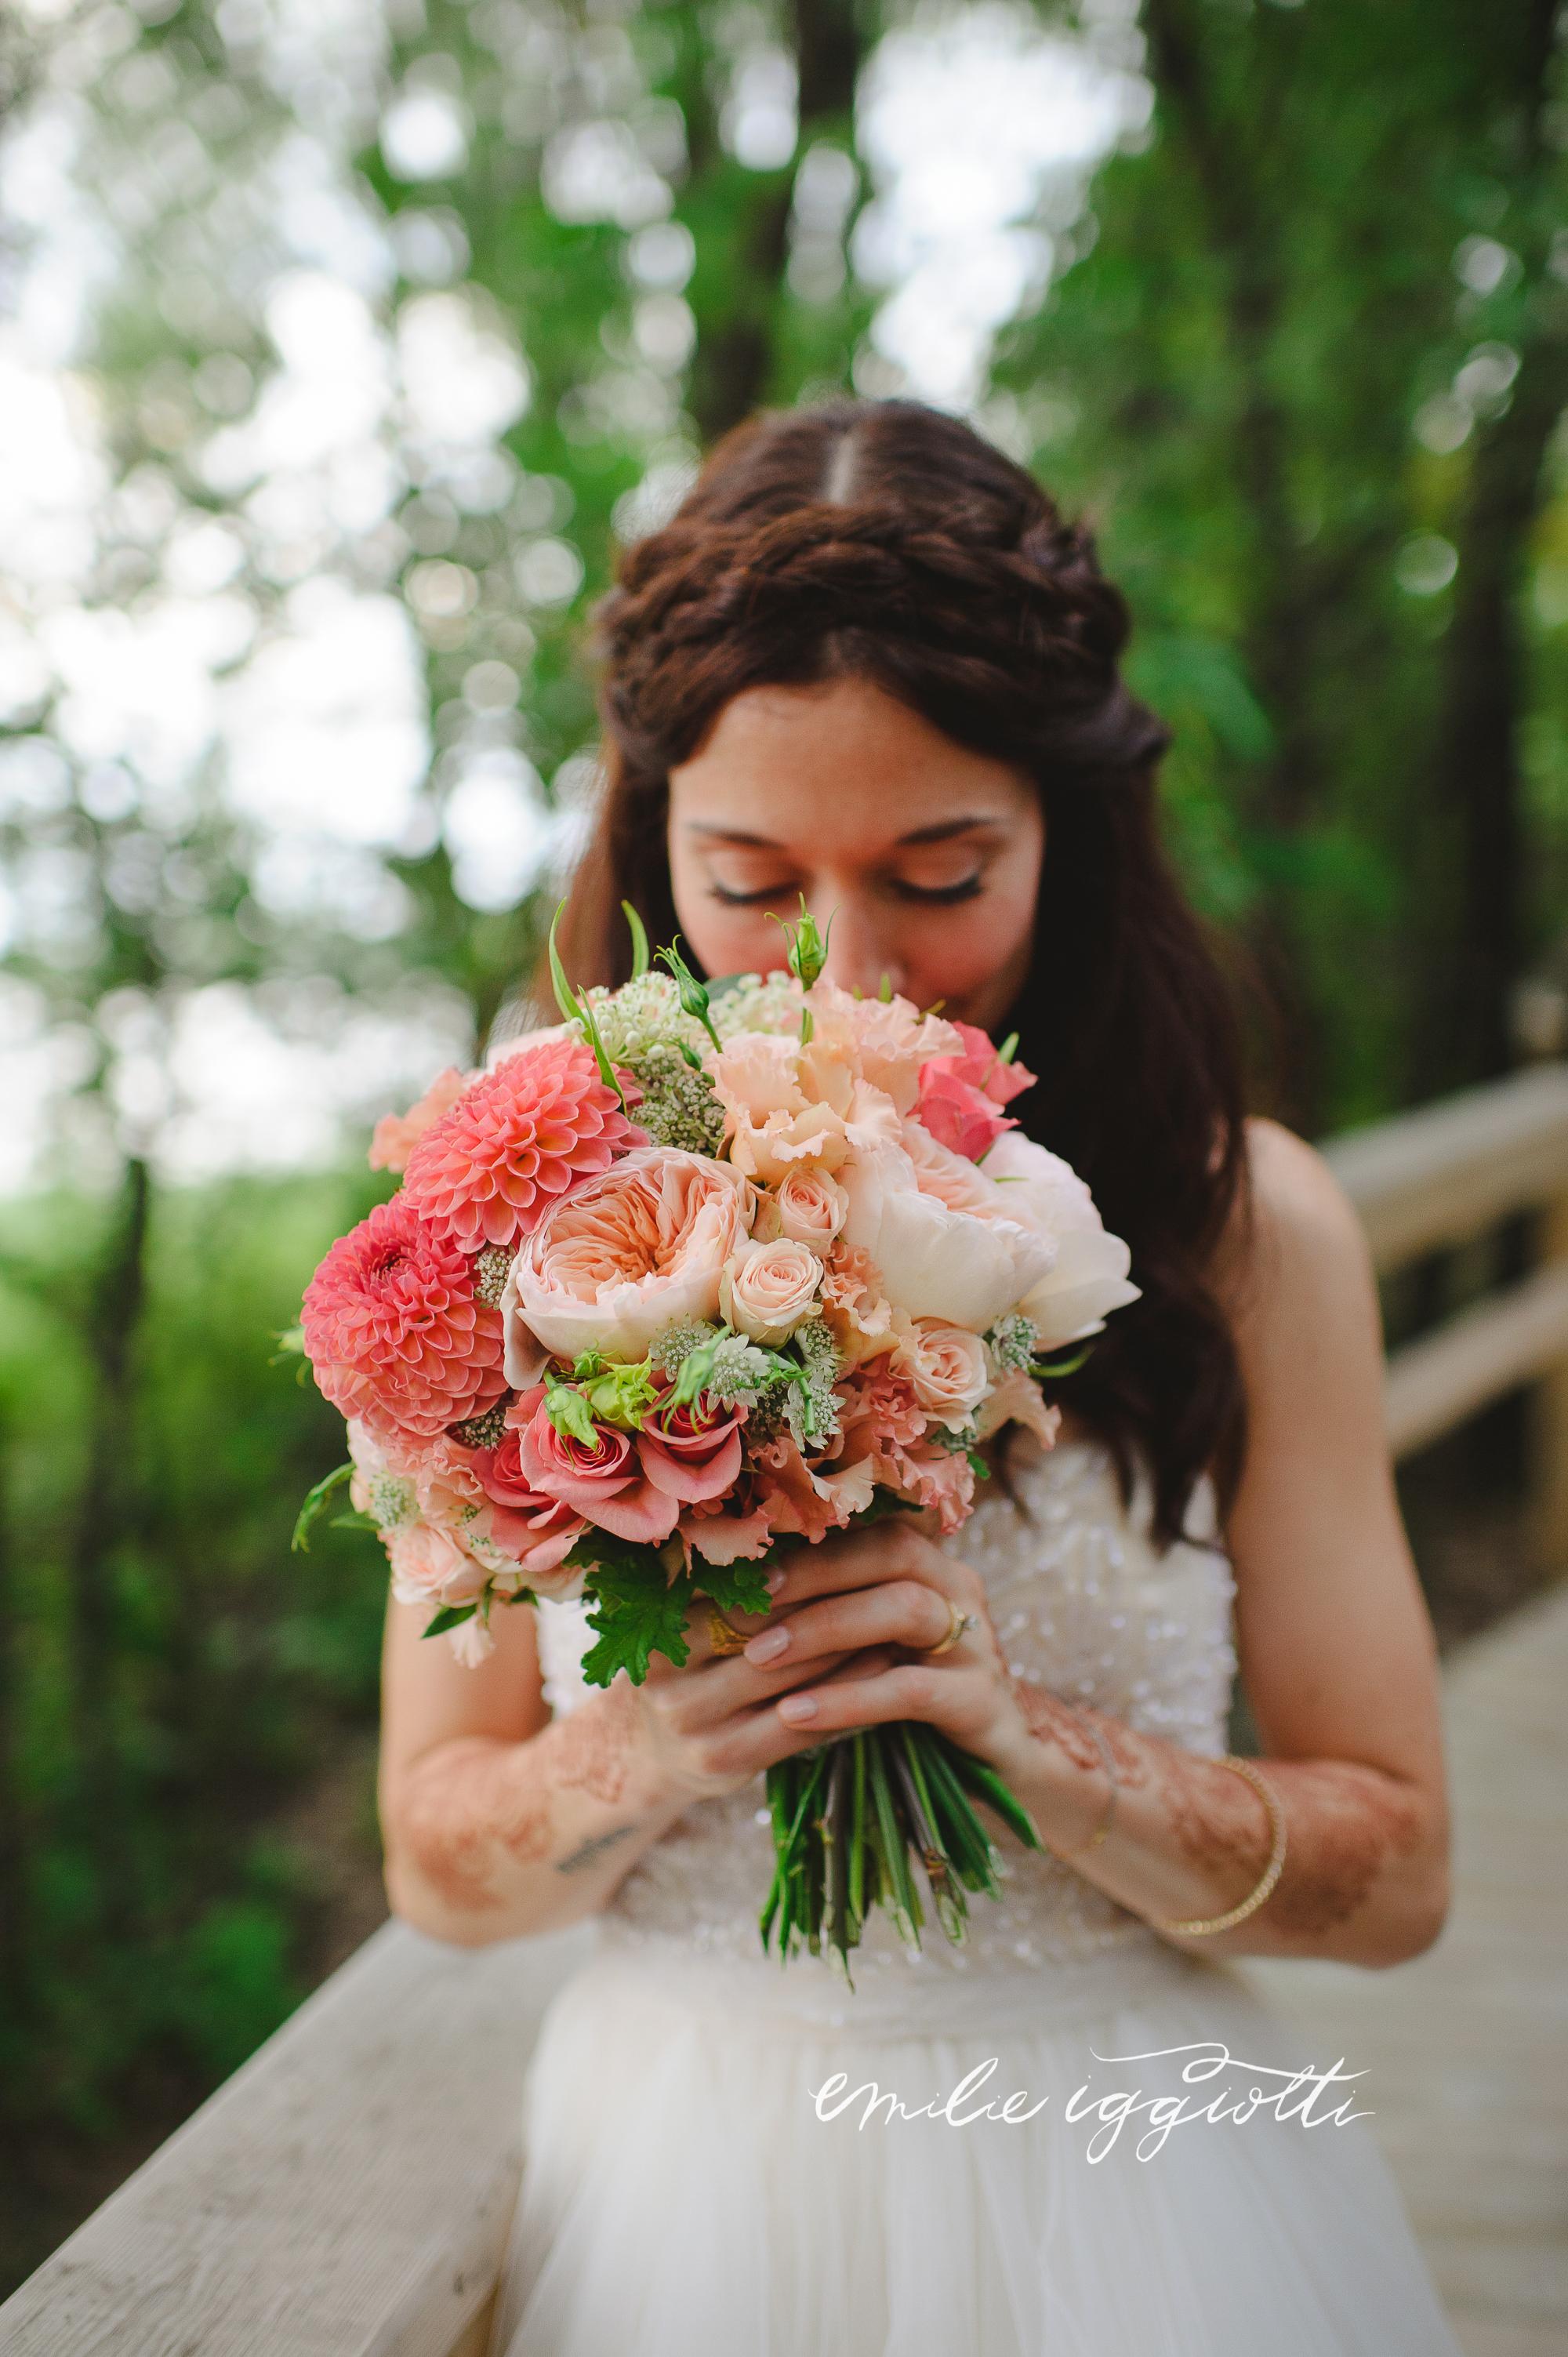 nabeille-wedding-emilie-iggiotti-32